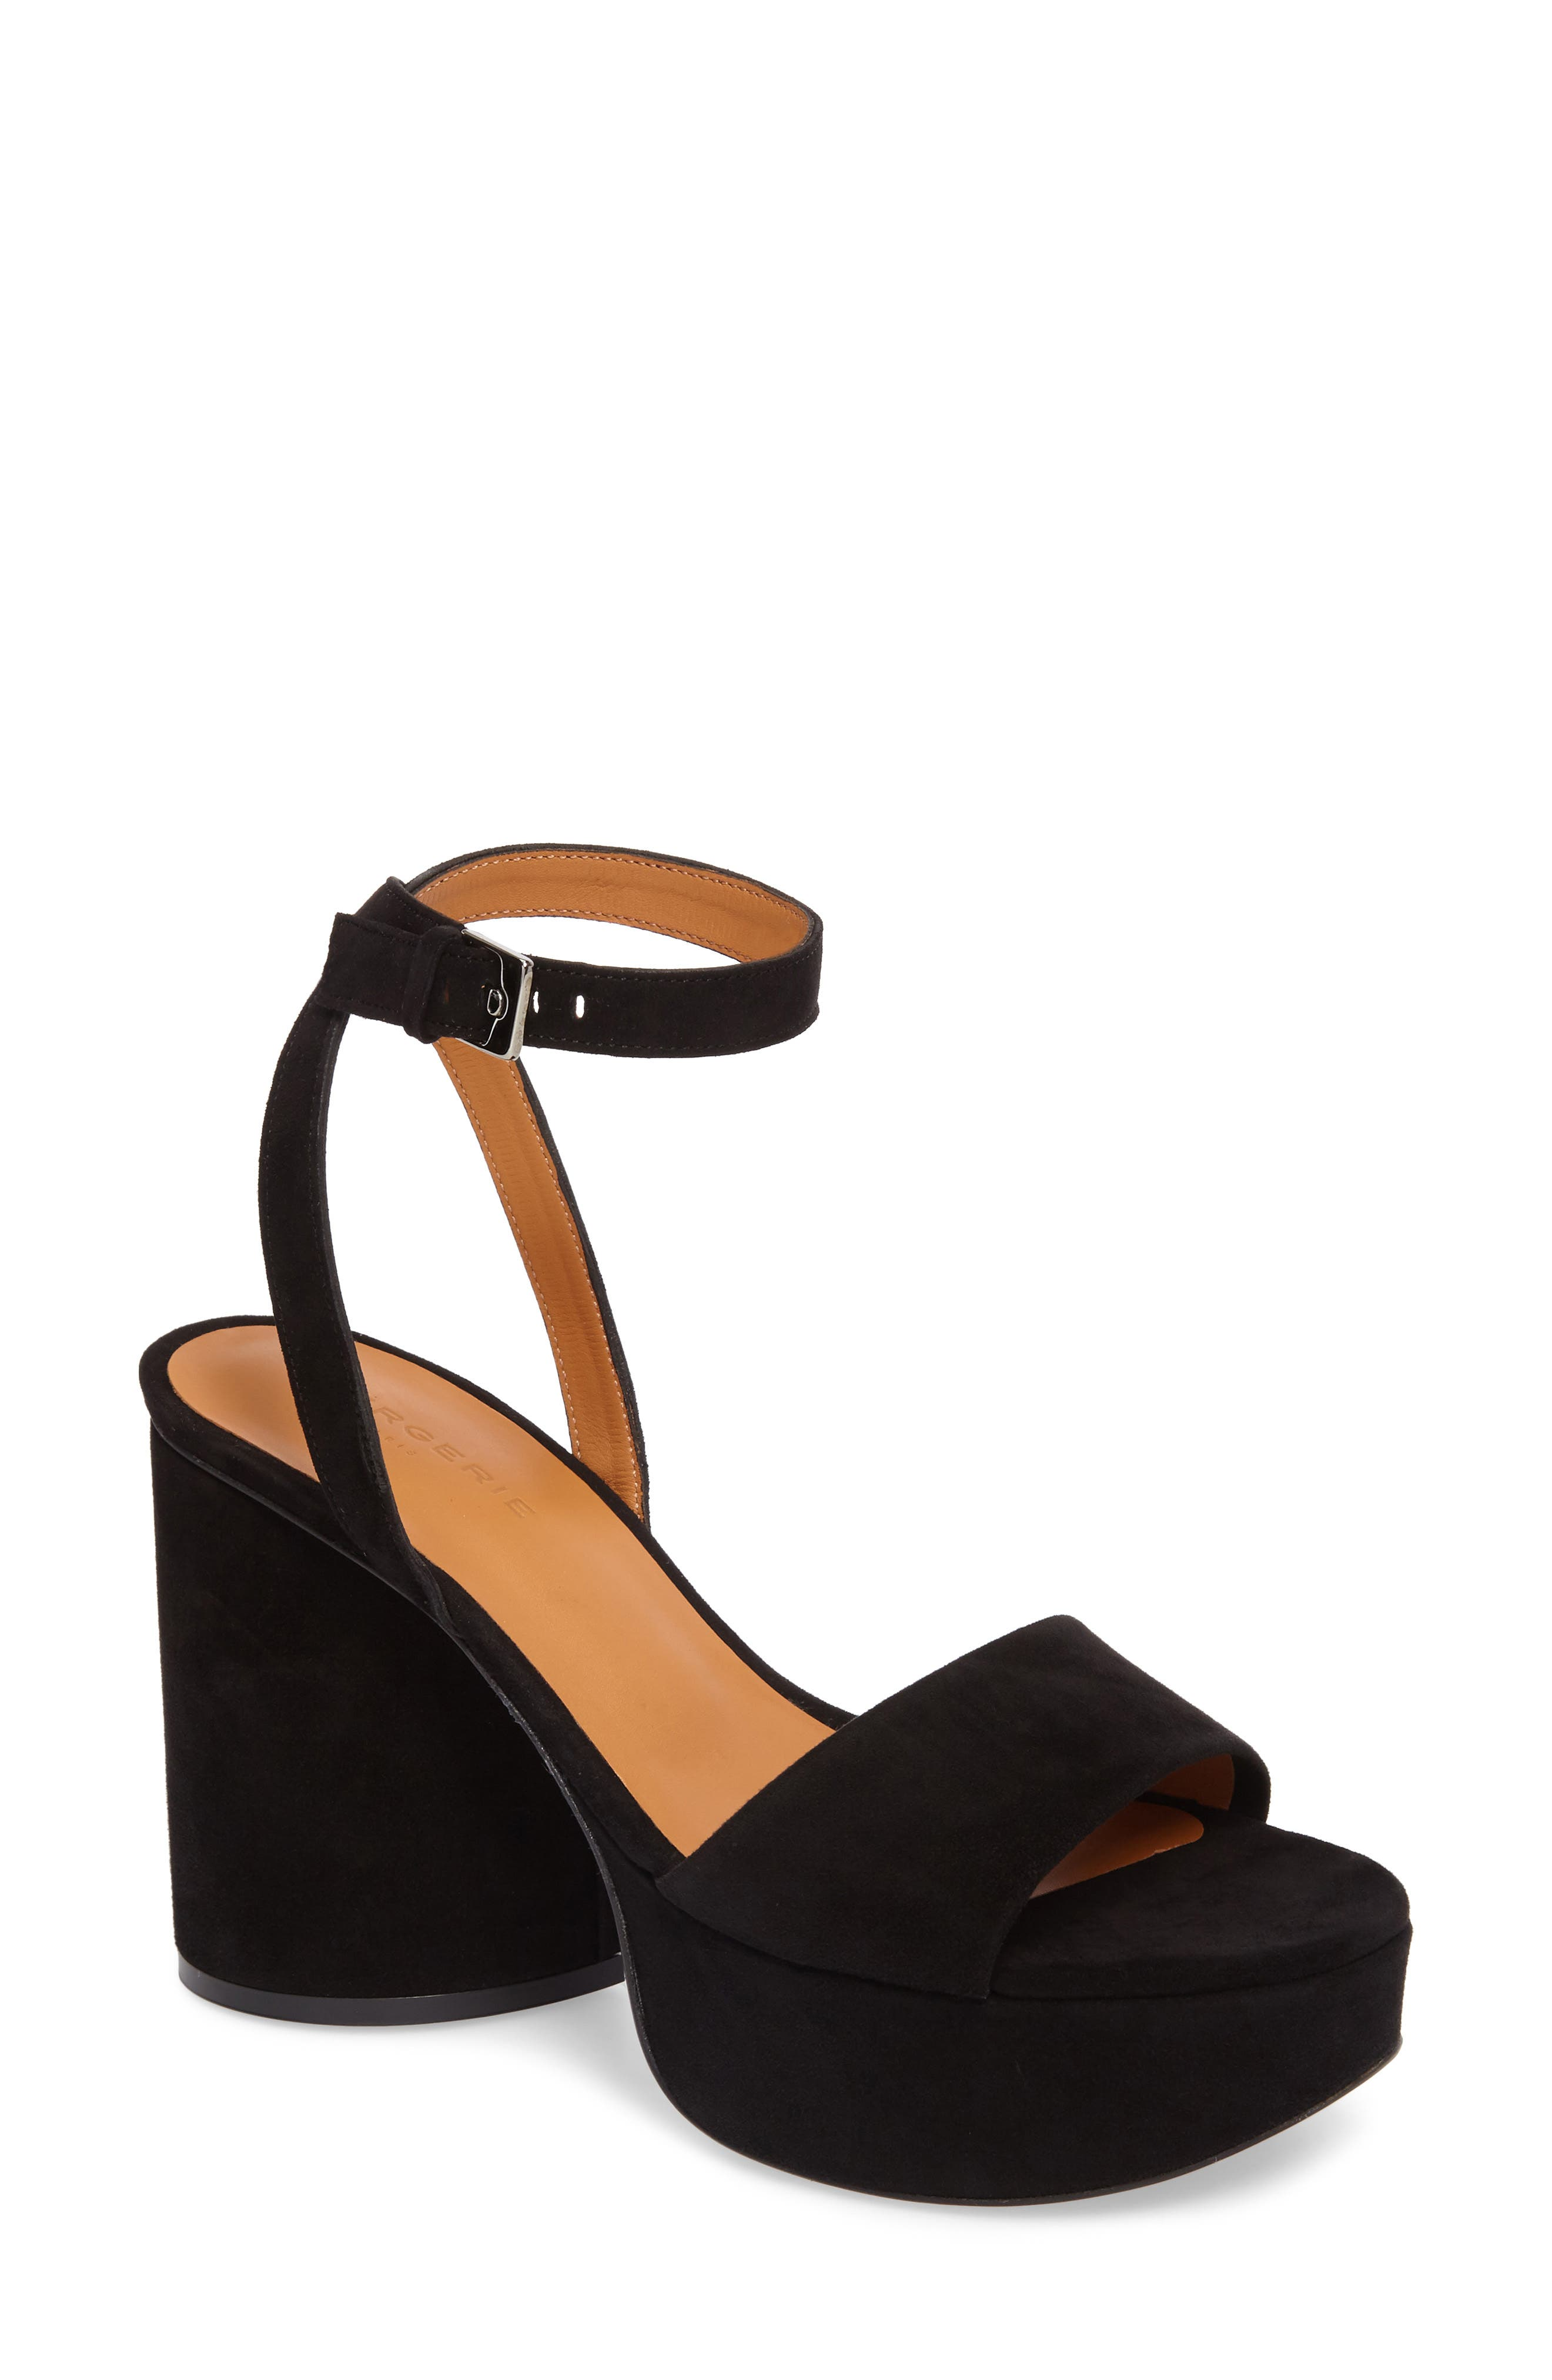 Vionica Platform Ankle Strap Sandal,                             Main thumbnail 1, color,                             001